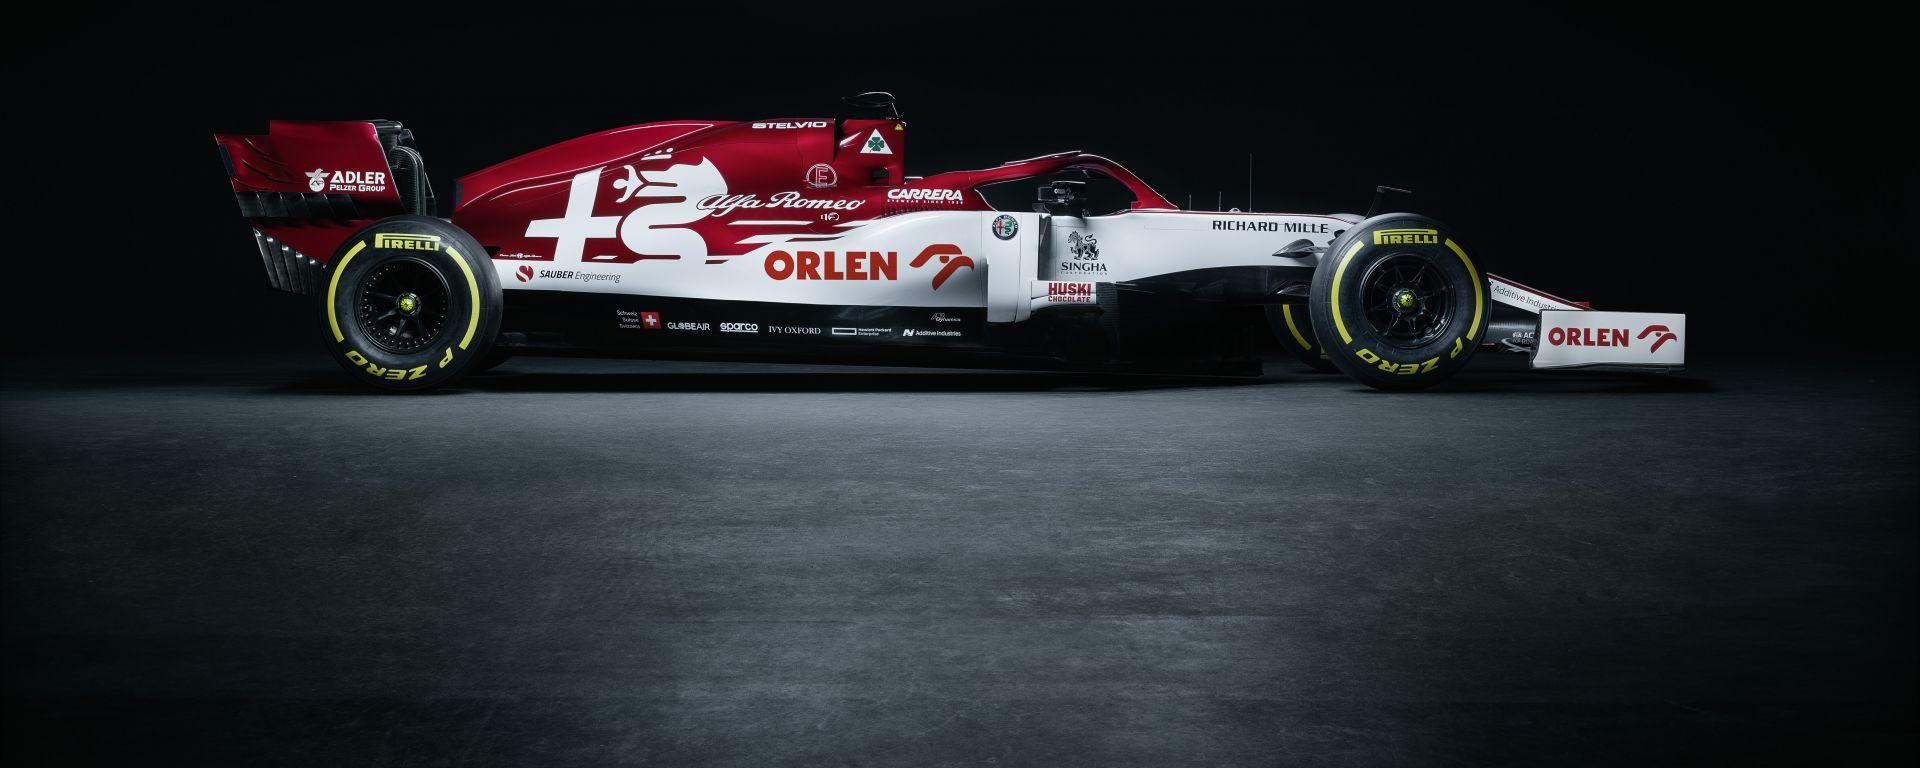 F1 2020, l'Alfa Romeo Racing C39 di Kimi Raikkonen e Antonio Giovinazzi